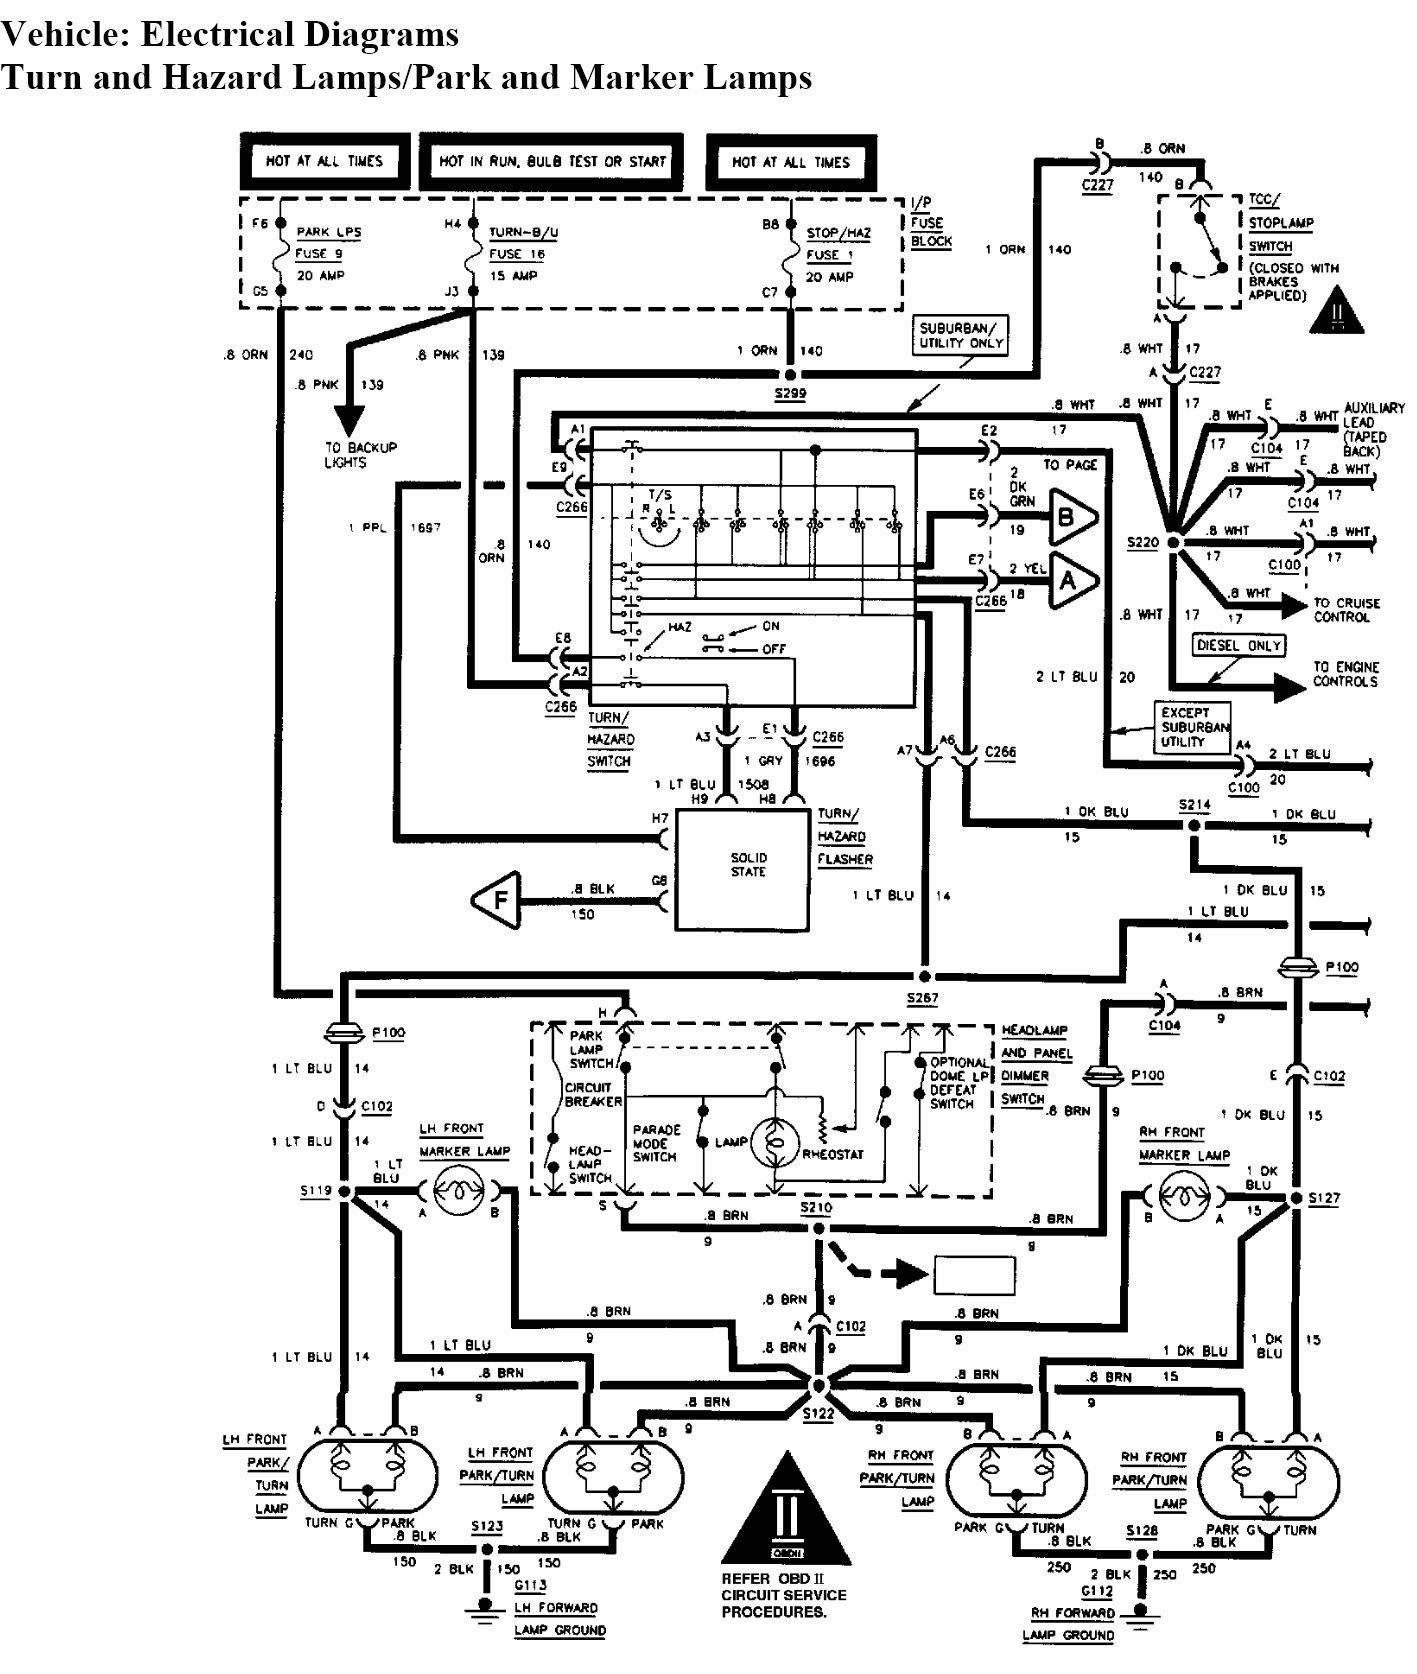 Brake Light Switch Wiring Diagram Brake Light Switch Wiring Diagram Of Brake Light Switch Wiring Diagram